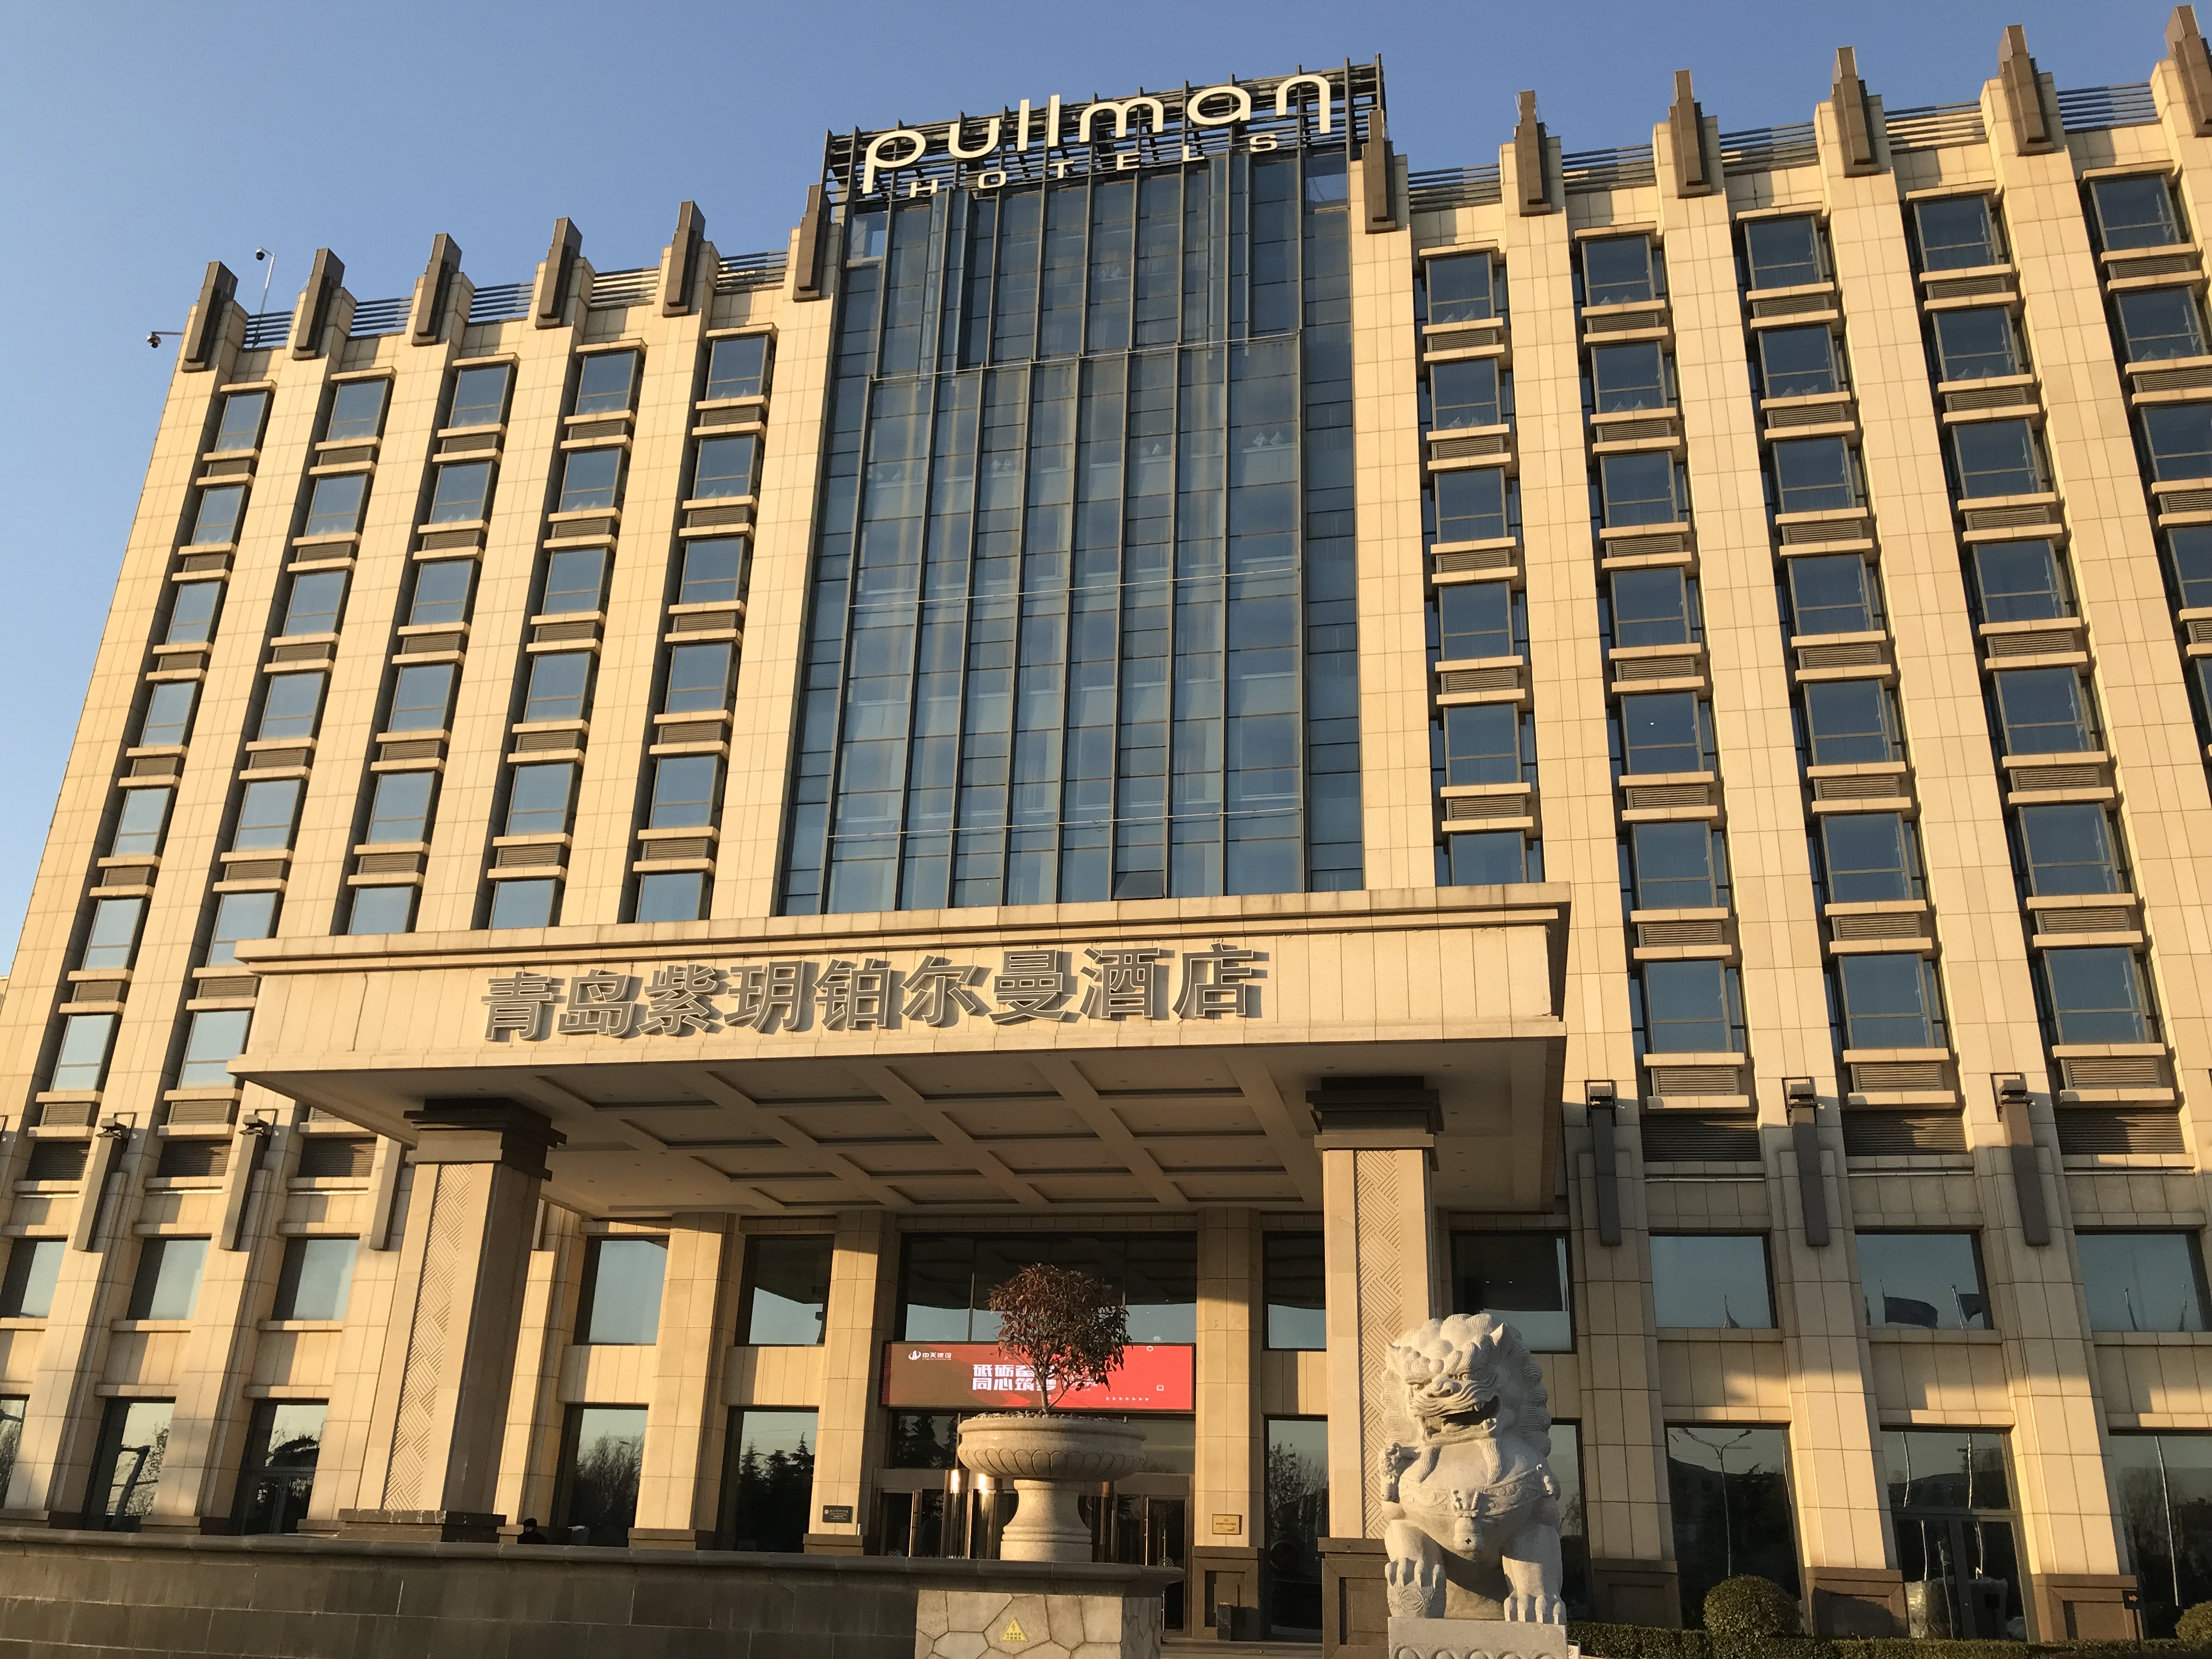 【中国】プルマン青島ズーユエ(青岛紫玥铂尔曼酒店)宿泊記!アクセスやホテル内の様子